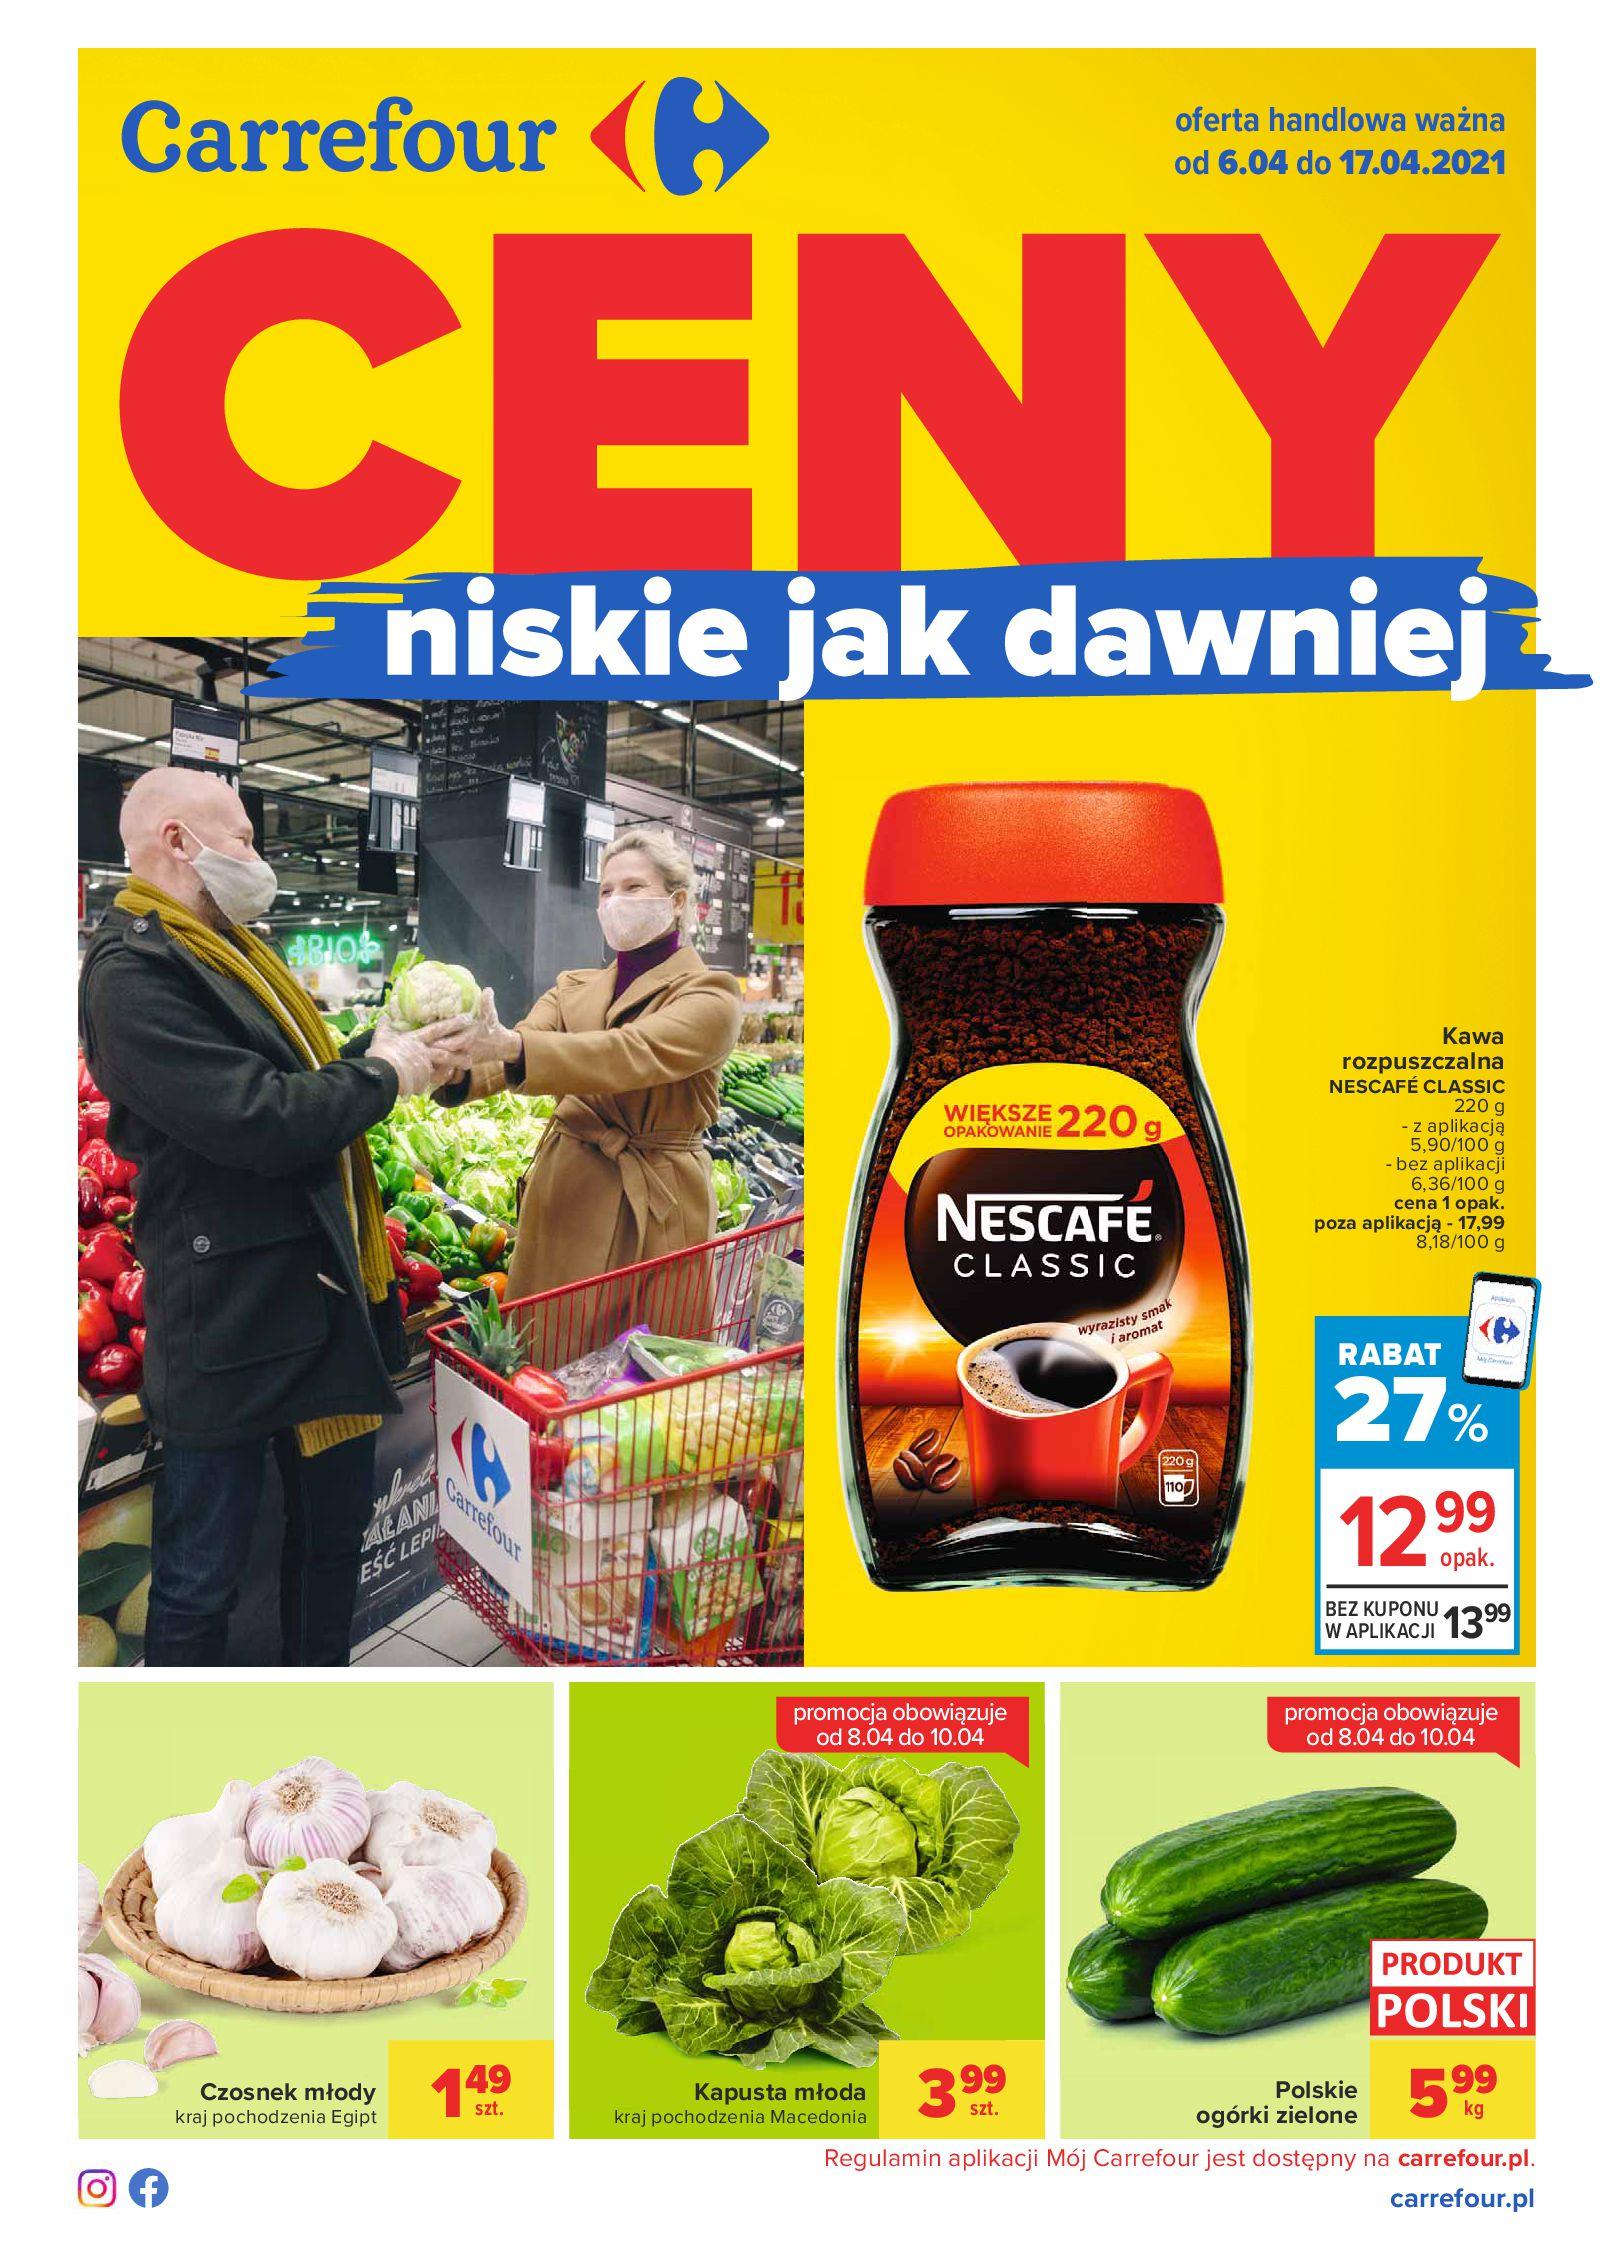 Carrefour:  Gazetka Ceny niskie jak dawniej od 06.04 05.04.2021